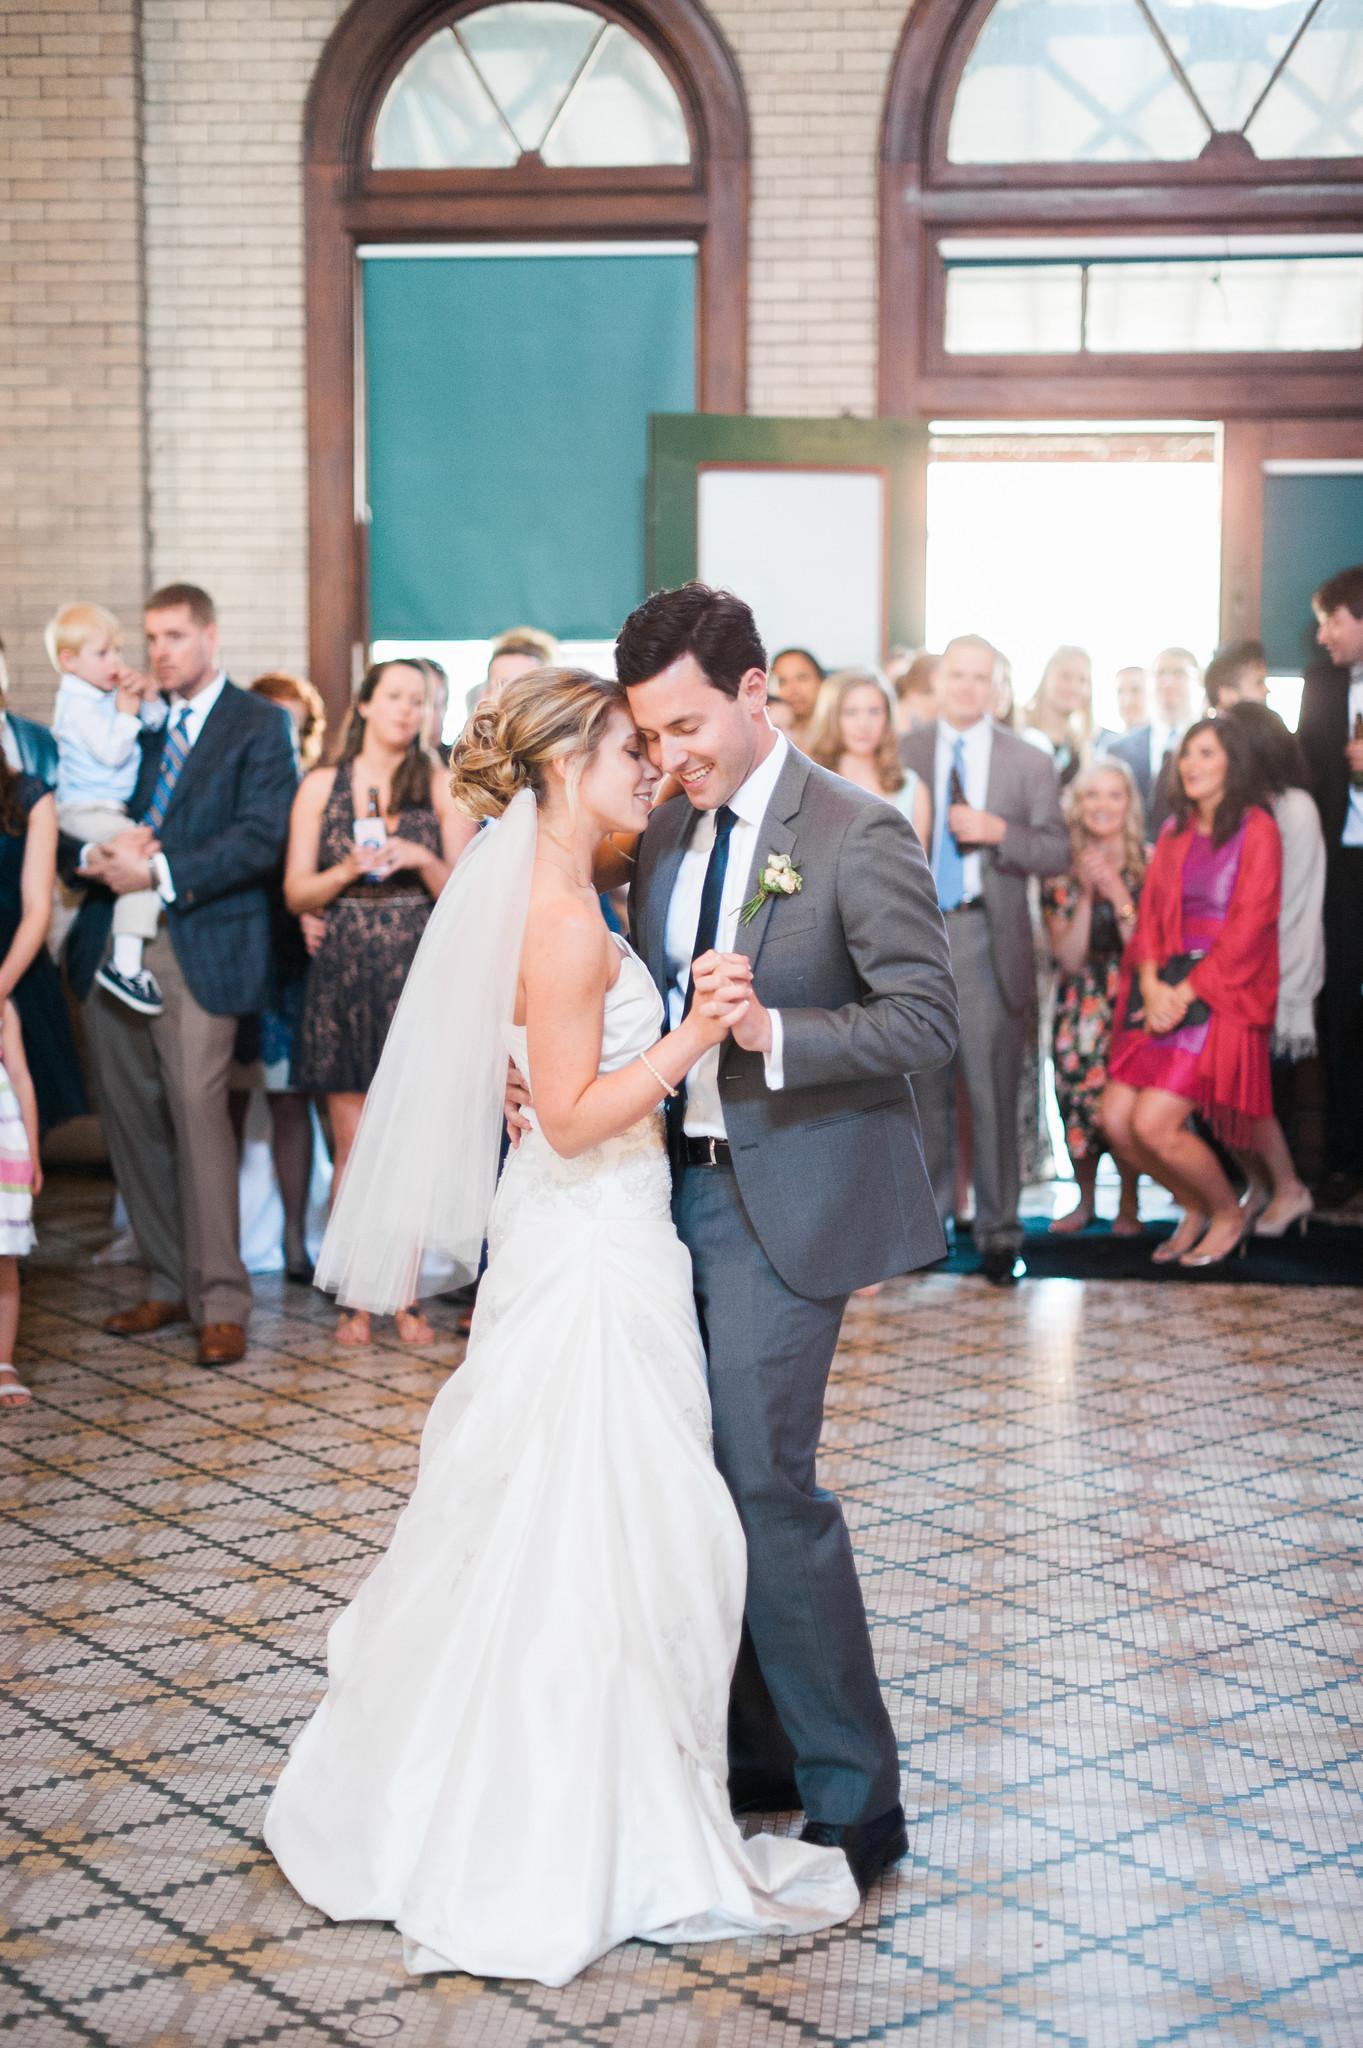 ernst-wedding-371-X4.jpg